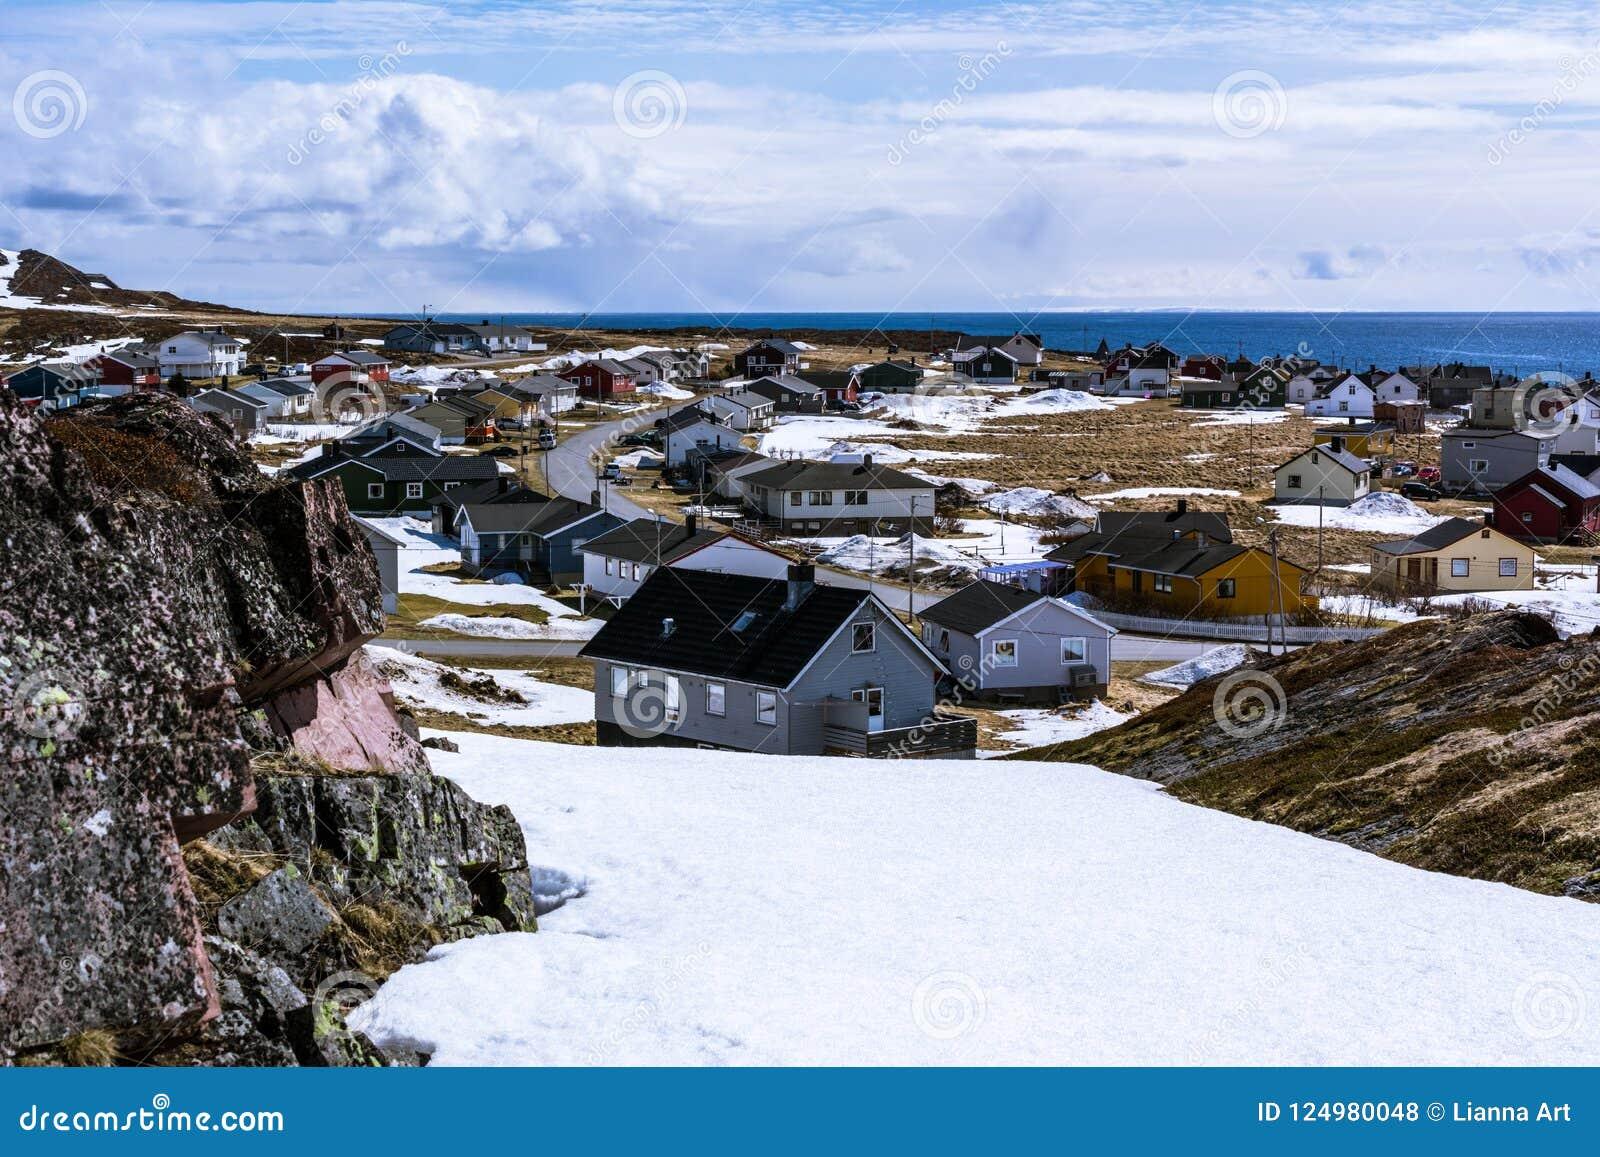 Άποψη του μικρού νορβηγικού χωριού στην ακτή